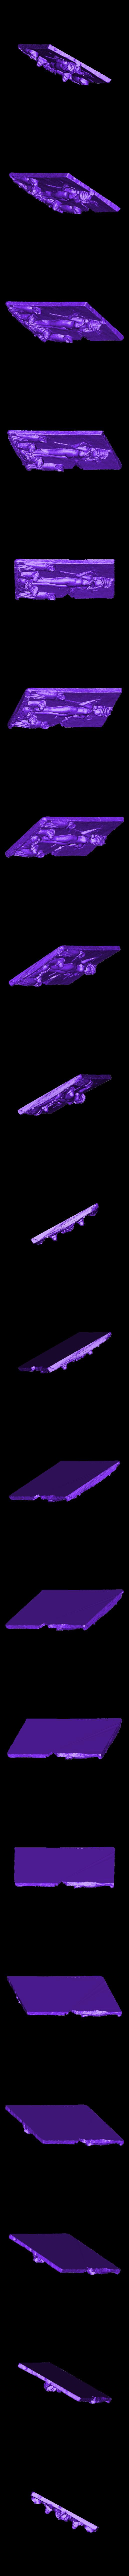 121014_QotN_COMPLETE.stl Télécharger fichier STL gratuit La Reine de la Nuit • Design imprimable en 3D, Ghashgar